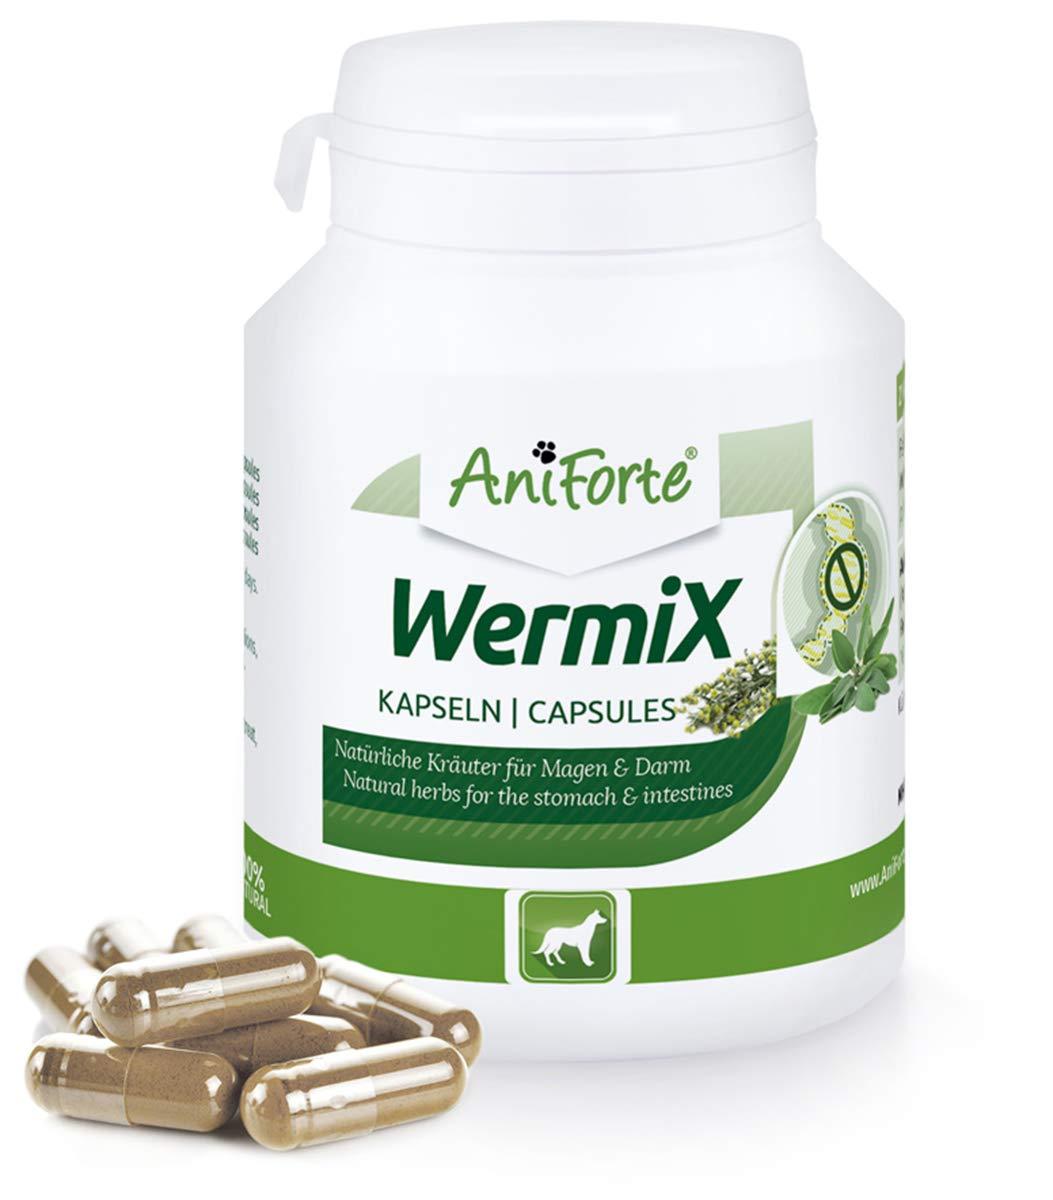 AniForte WermiX encapsular para perros 100 – producto natural para antes, durante y después de la infestación de gusanos, el ajenjo y las hierbas naturales ayudan al estómago y el intestino